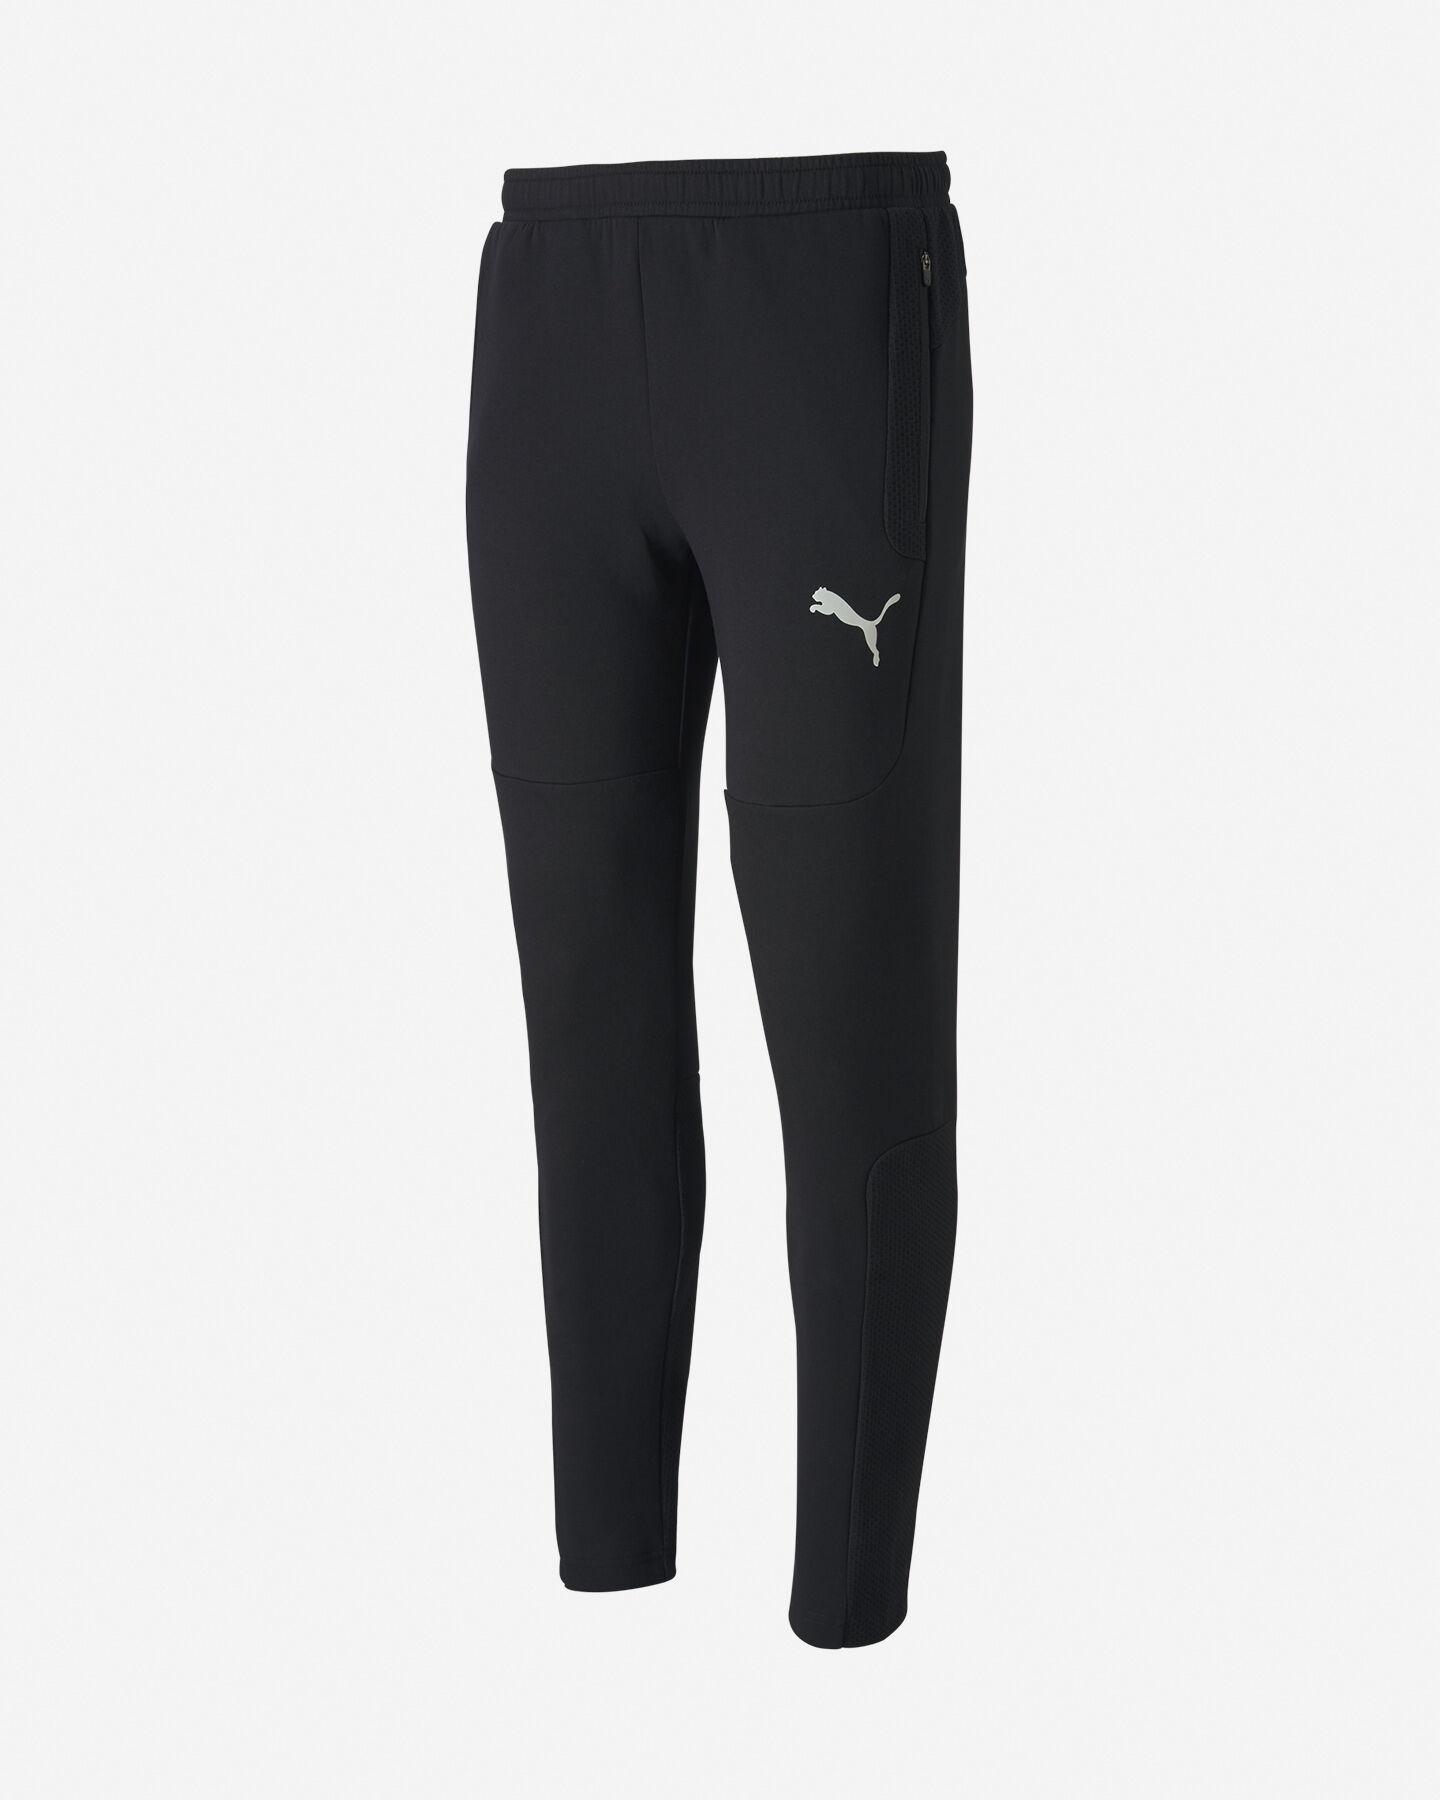 Pantalone PUMA EVOSTRIPE M S5172799 scatto 0